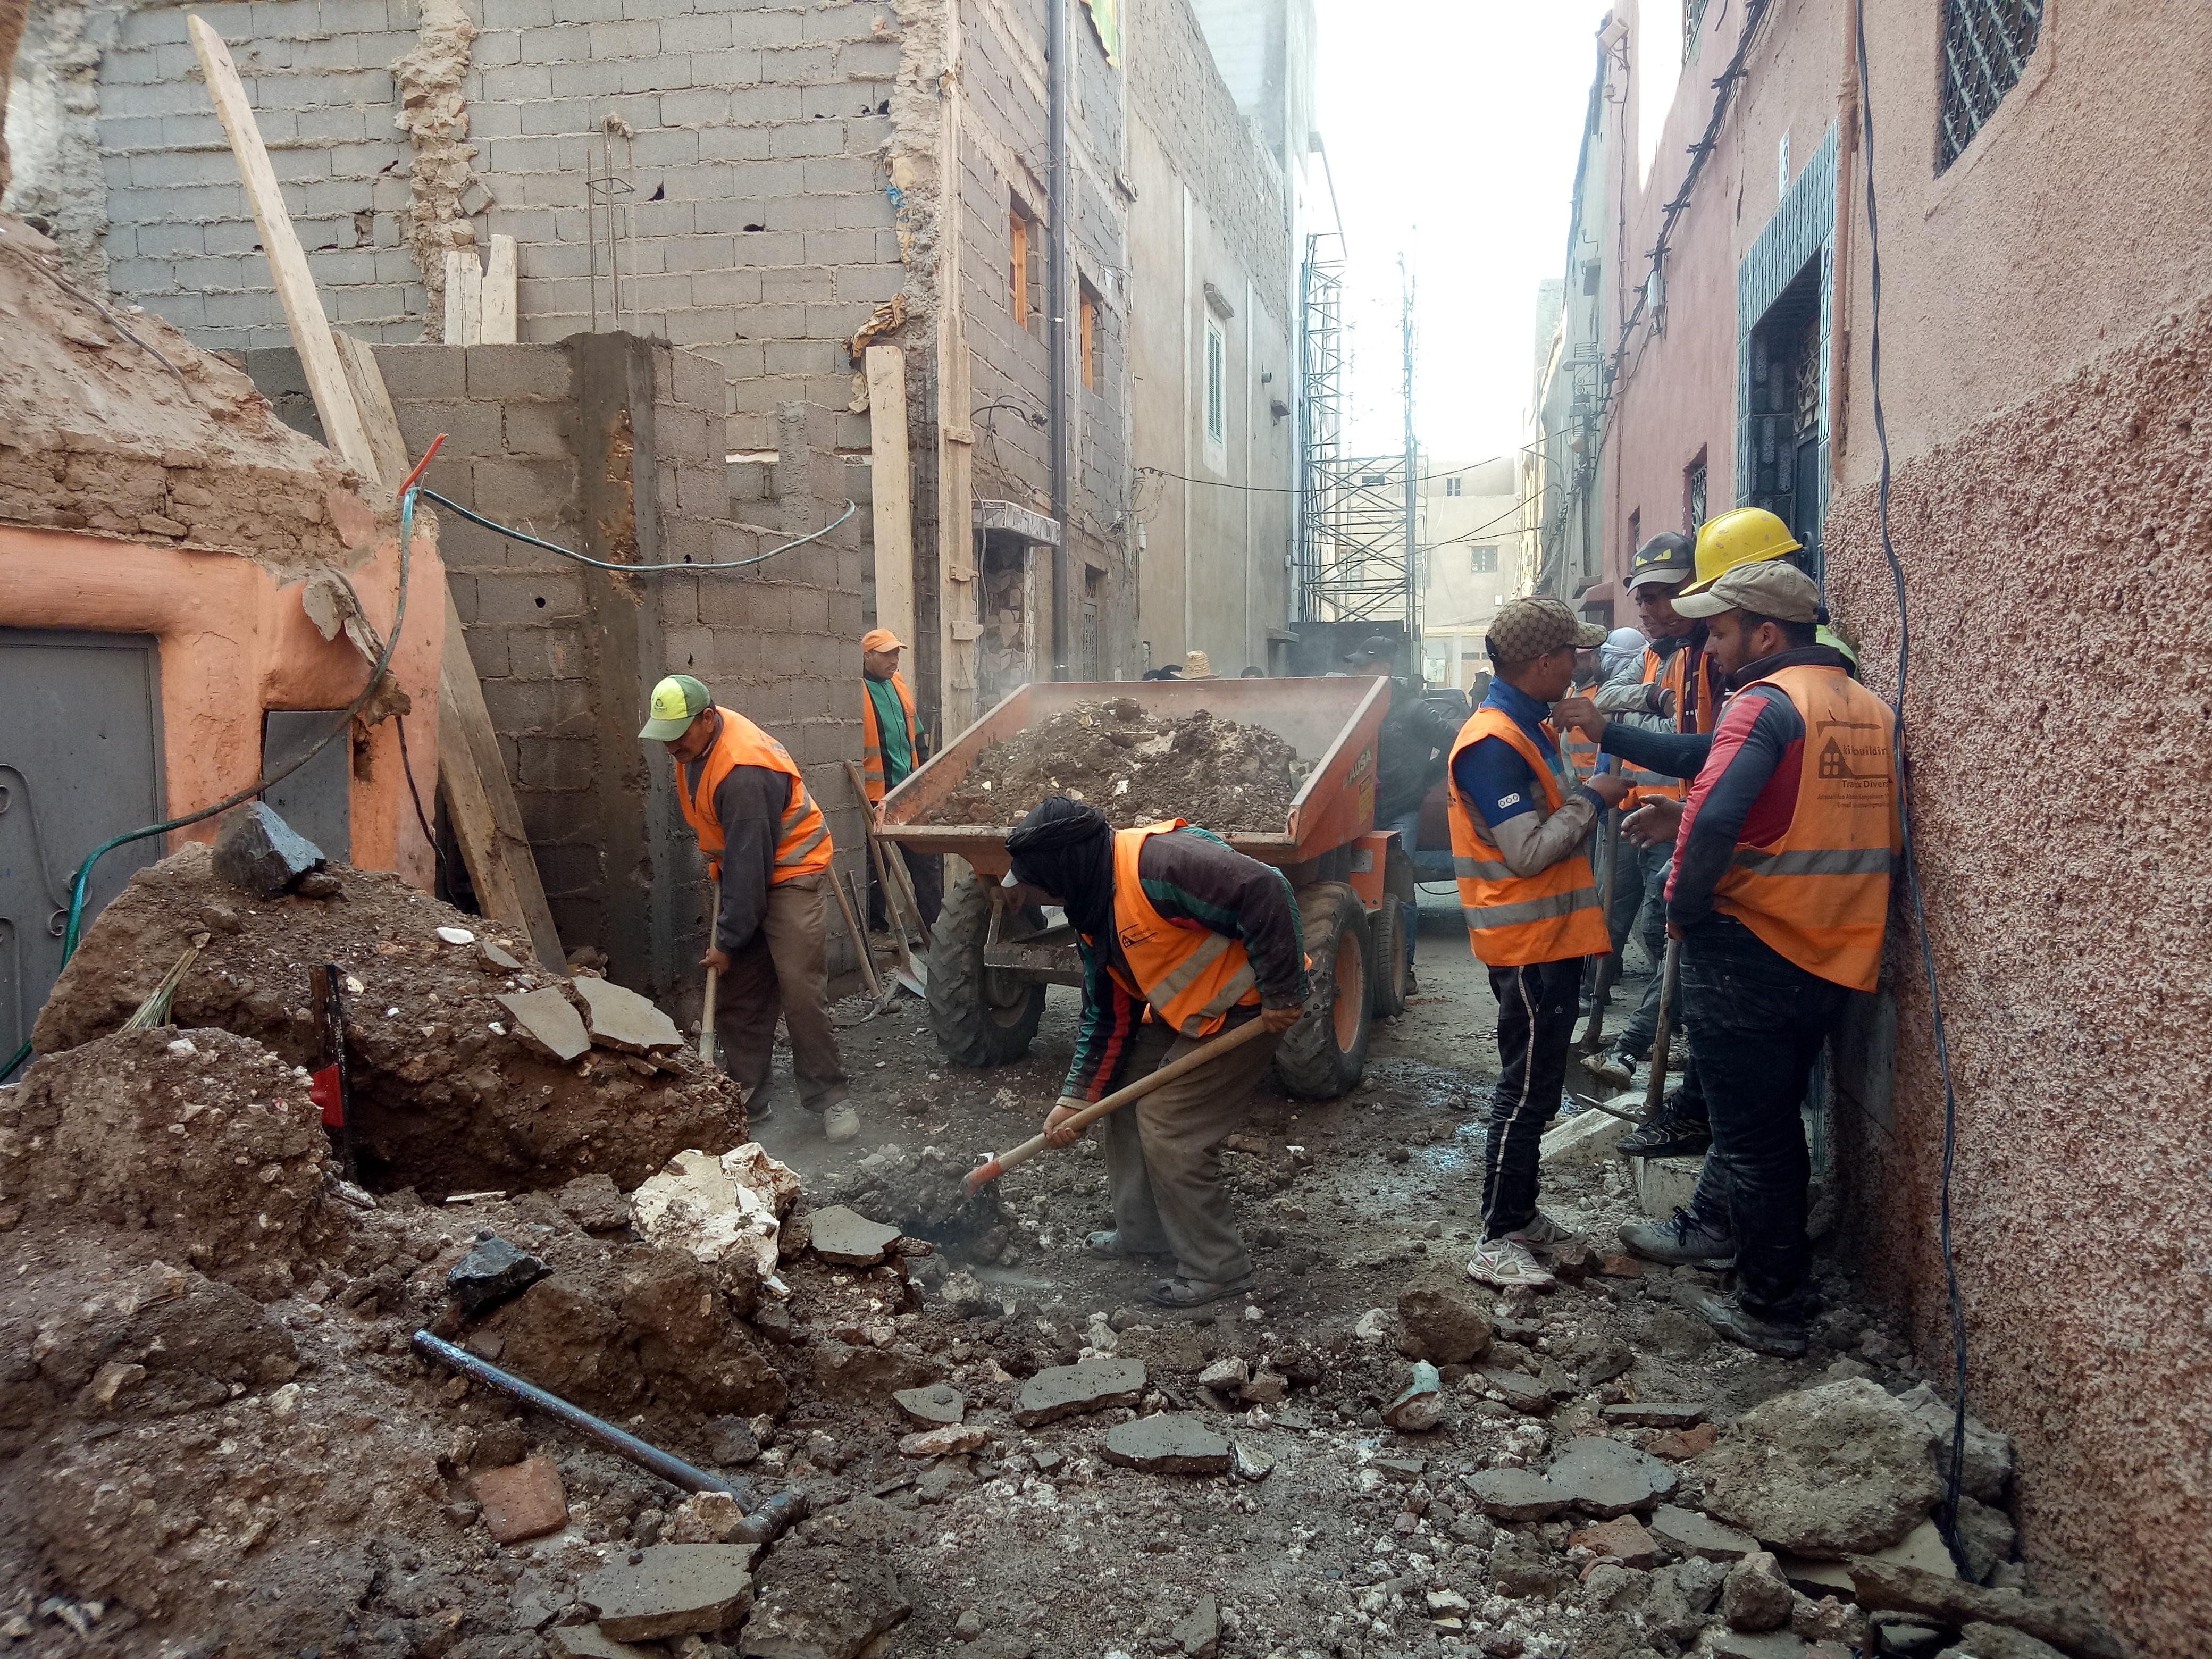 انهيار منزل بطانطان يوقع إصابات خطيرة و مواطنون يدقون ناقوس خطر المنازل الآيلة للسقوط !